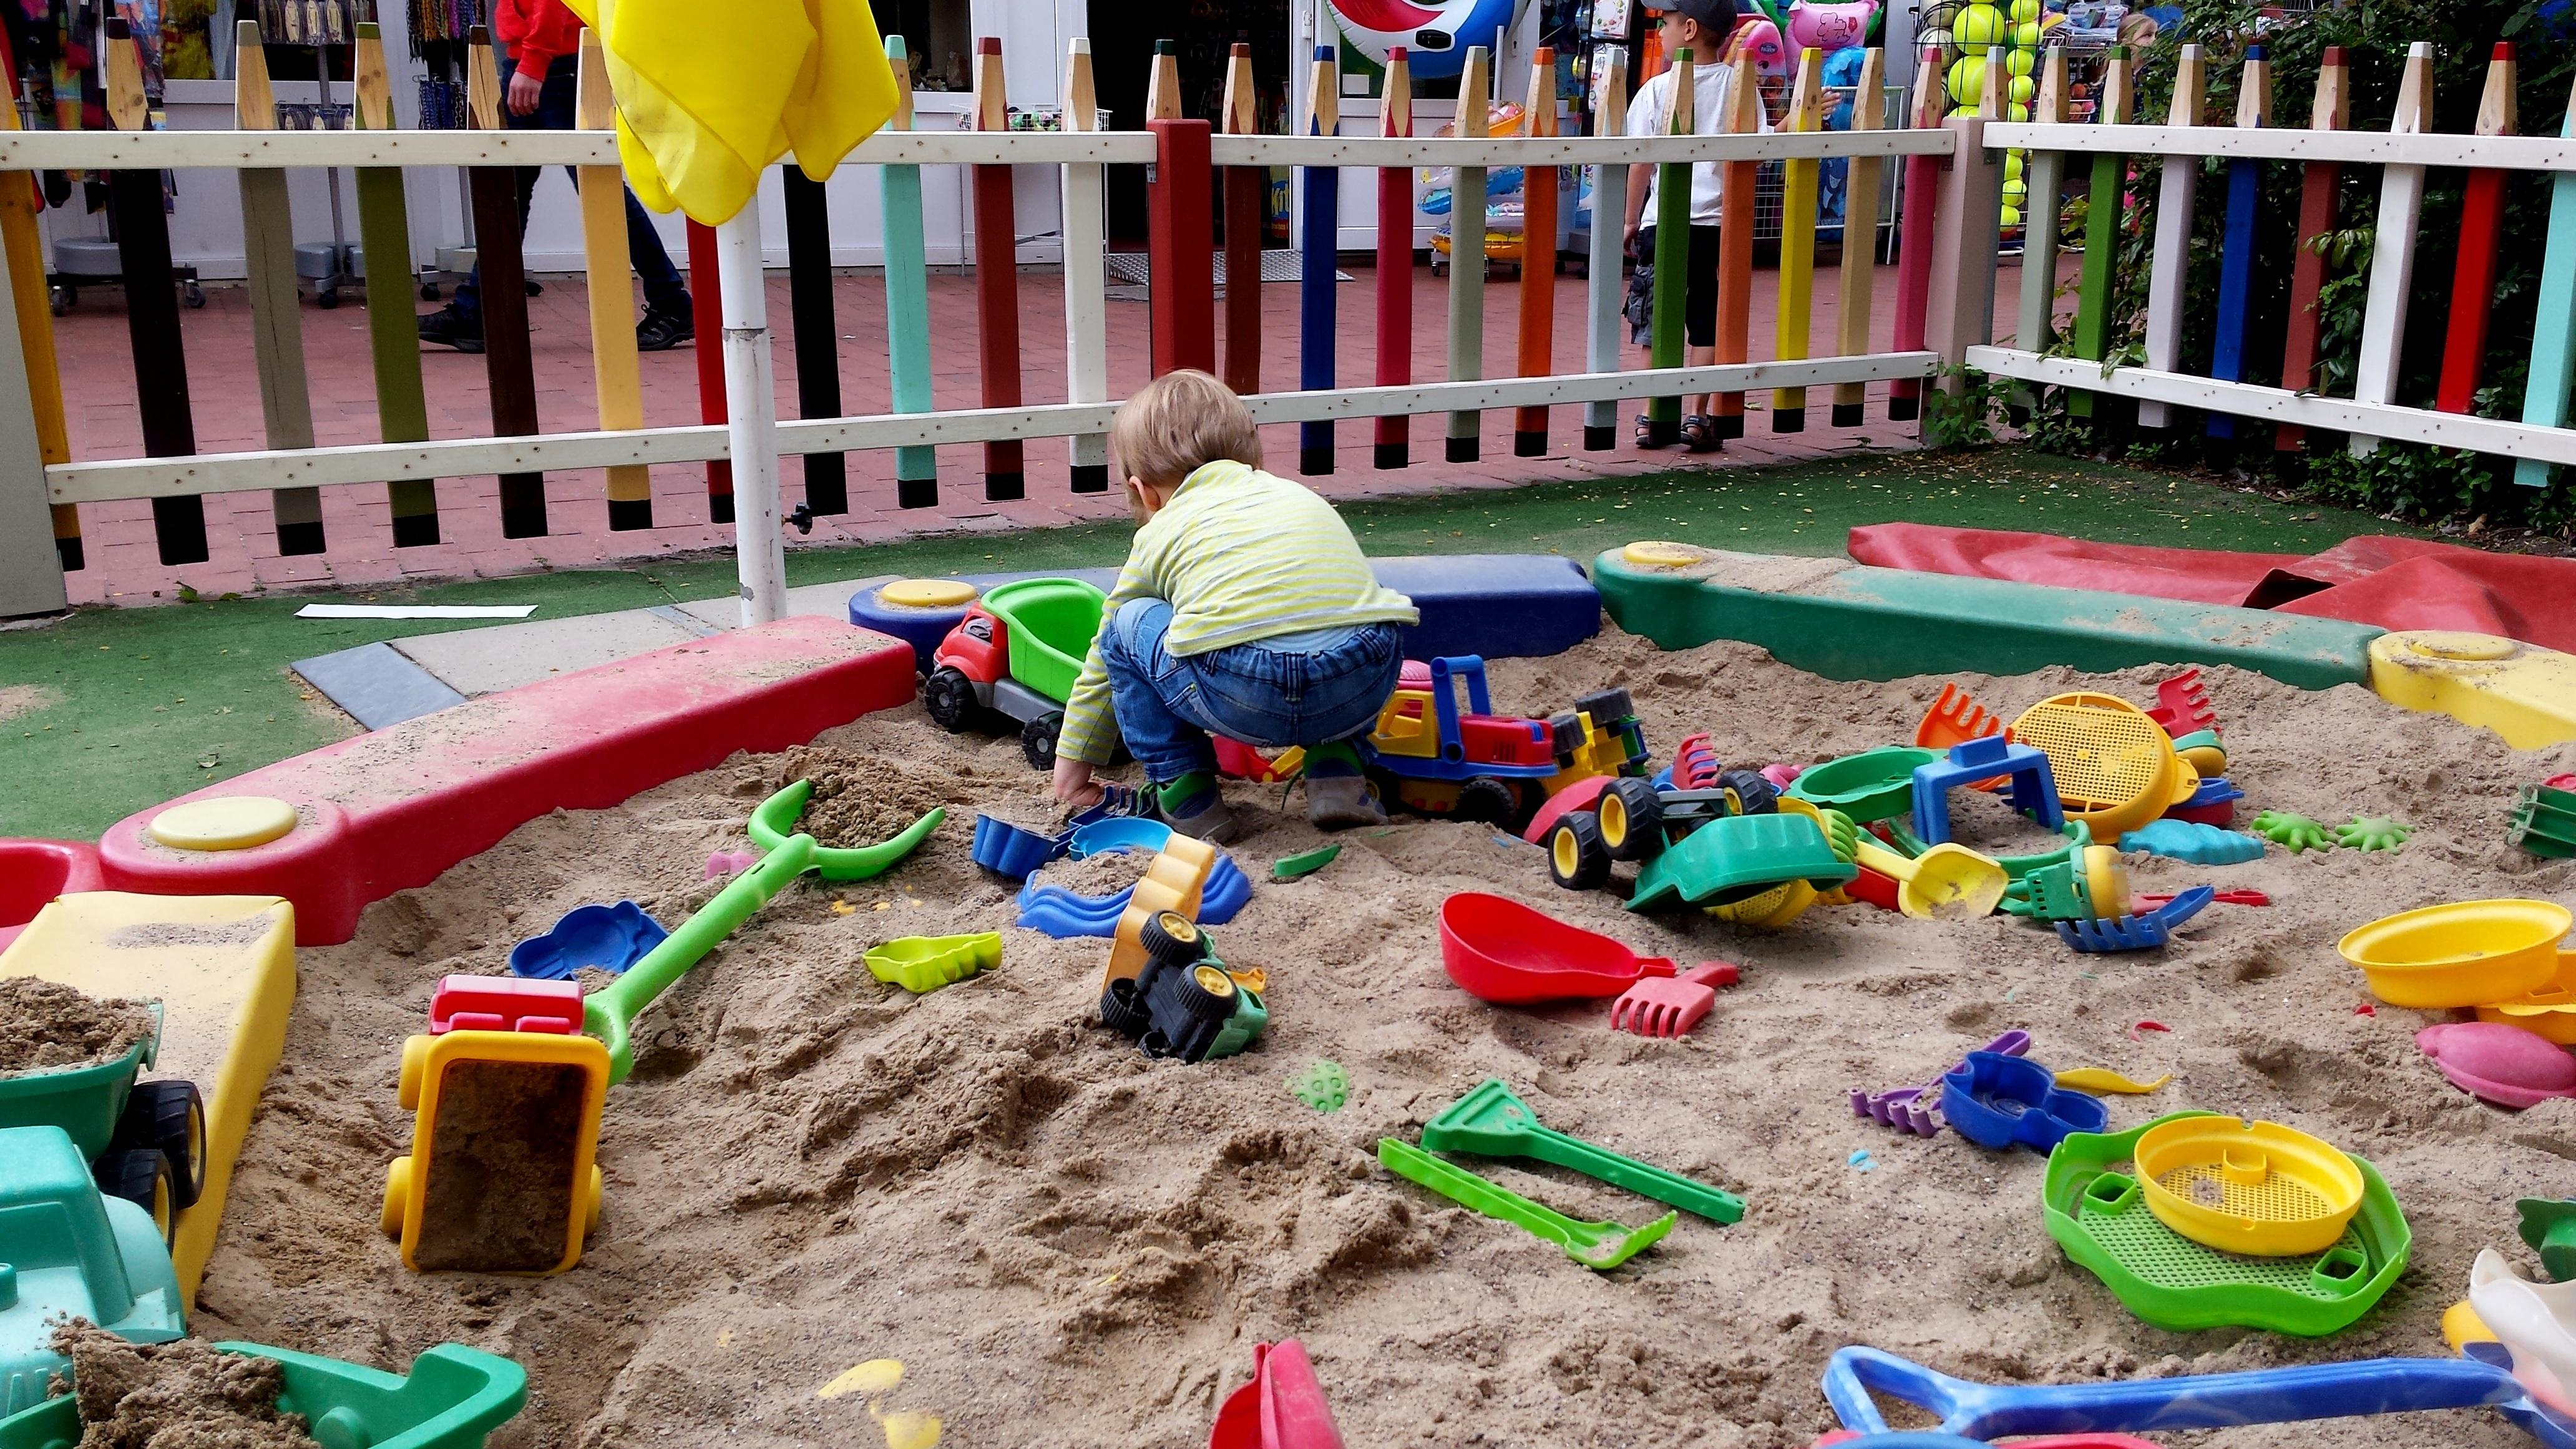 Fotos gratis : jugar, ciudad, verano, niño, vistoso, juguete ...